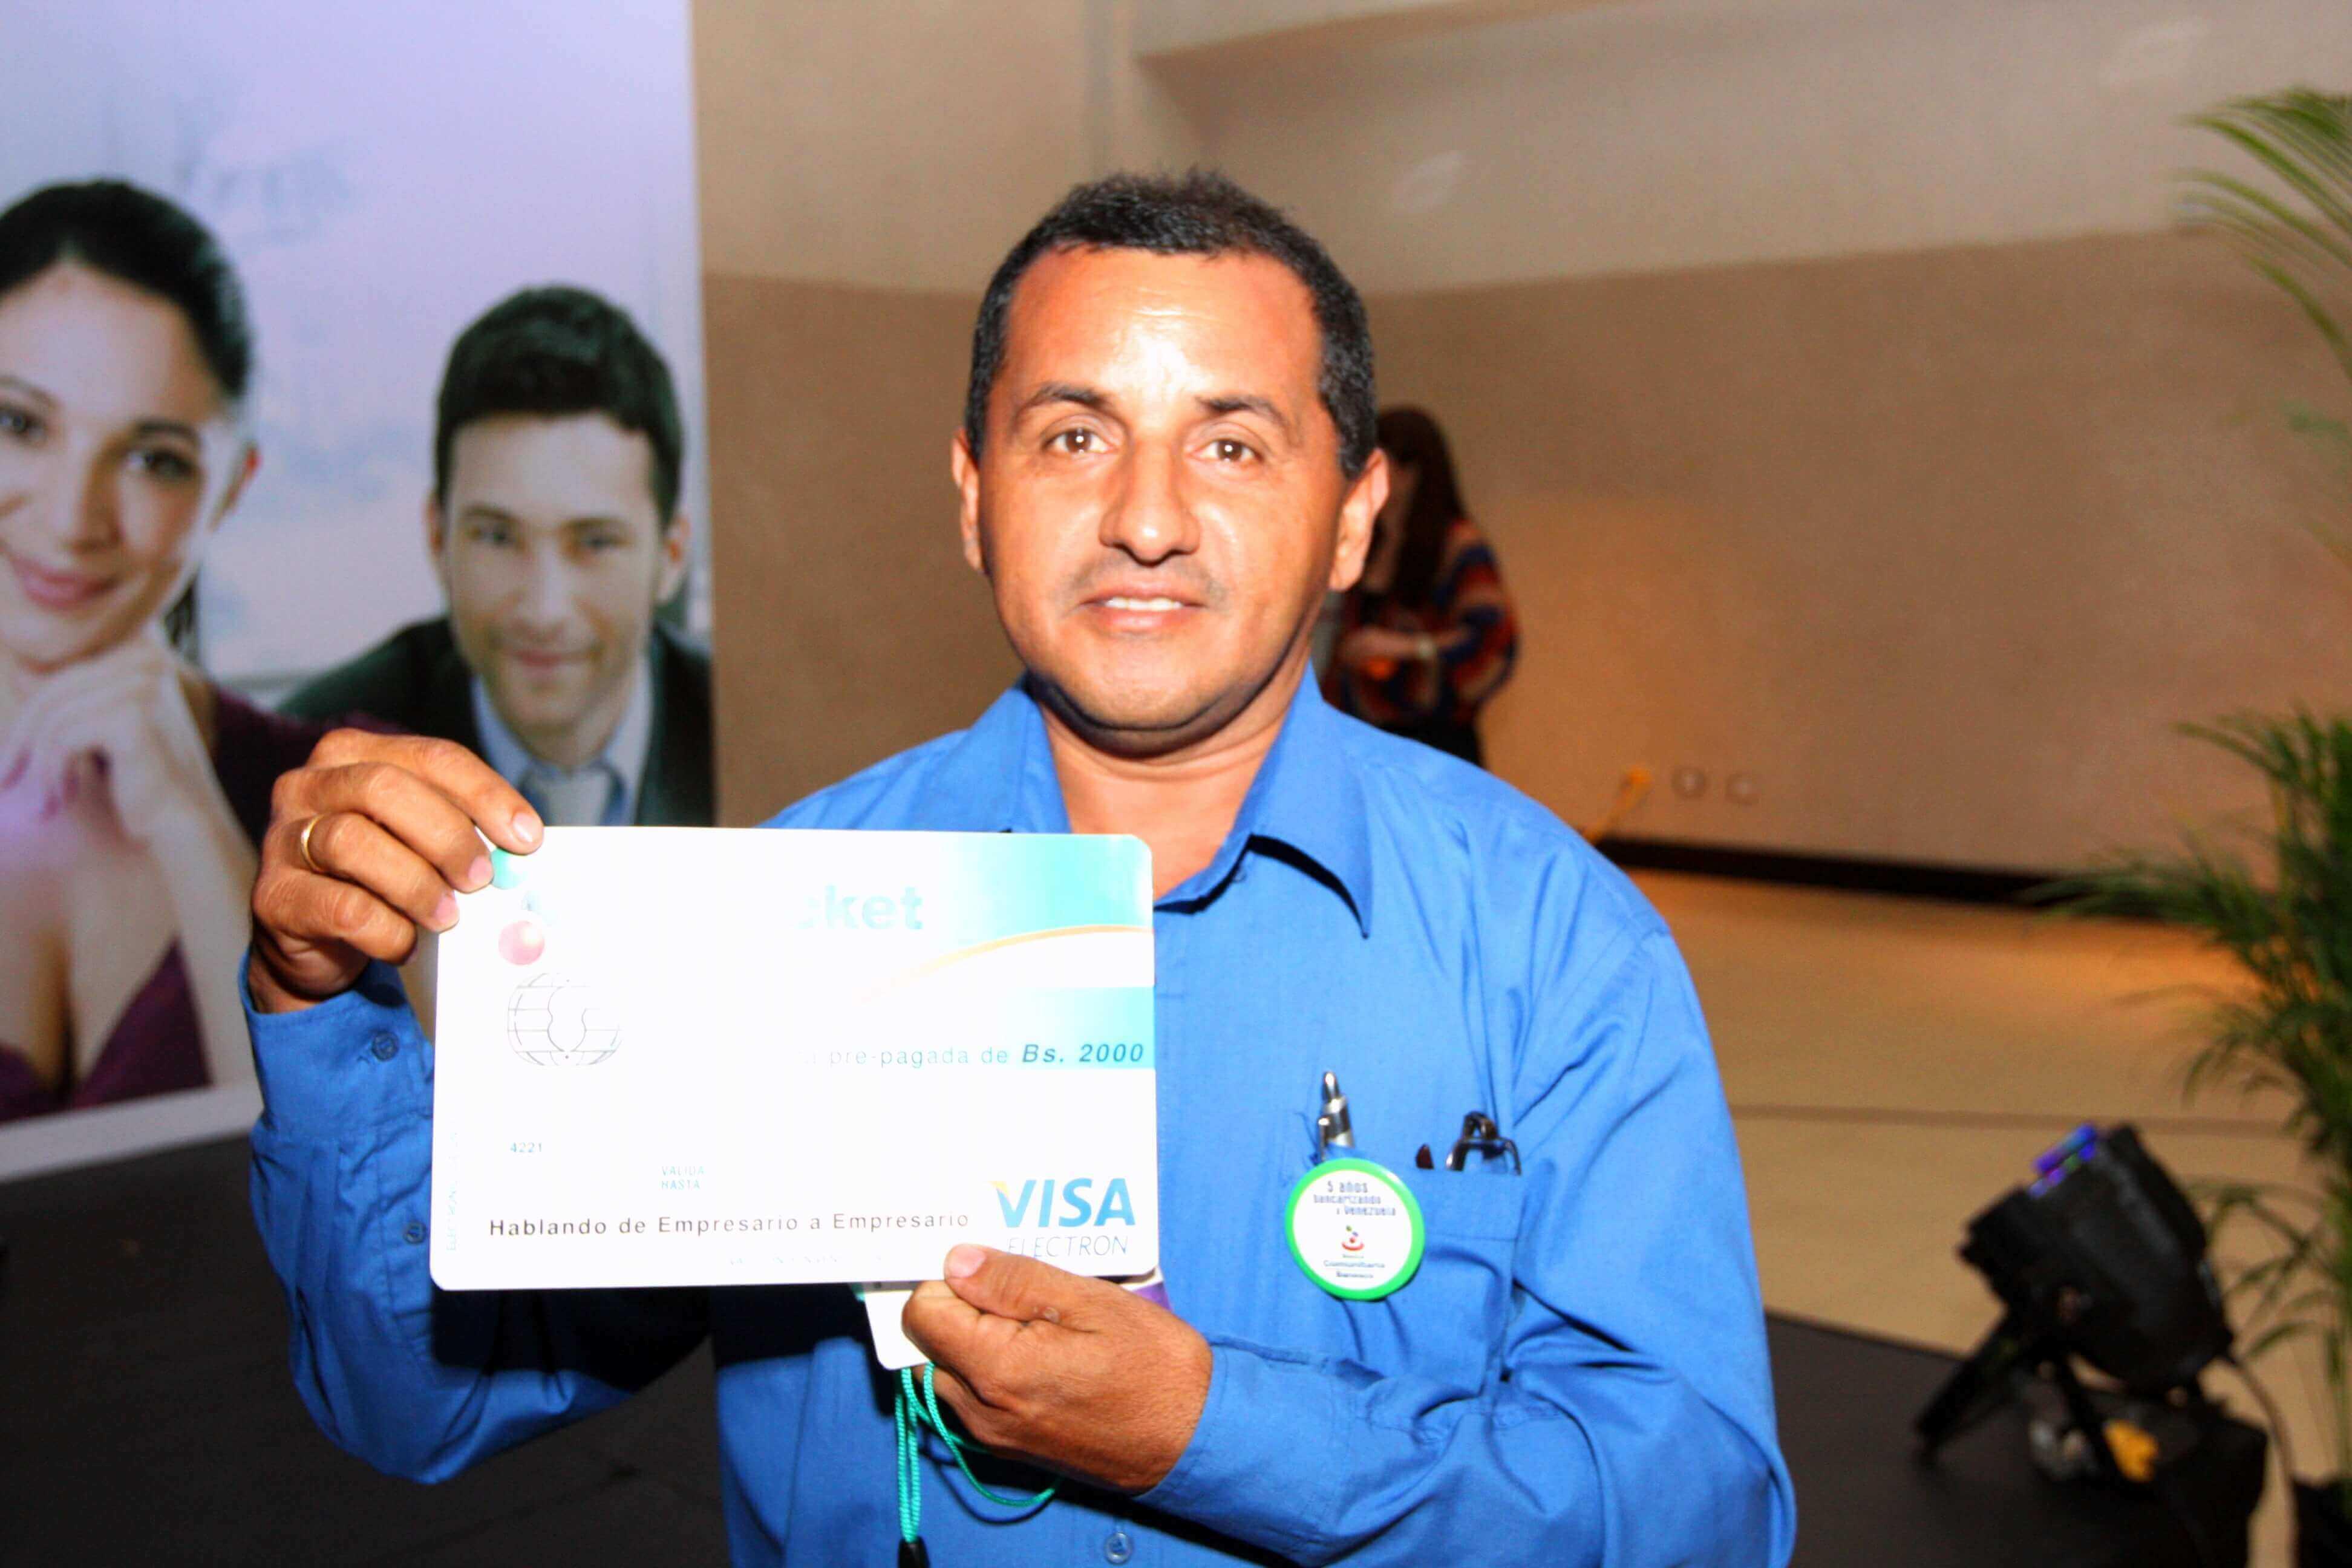 Durante la actividad se realizaron sorteos de tarjetas TodoTicket y equipos electrónicos para los participantes